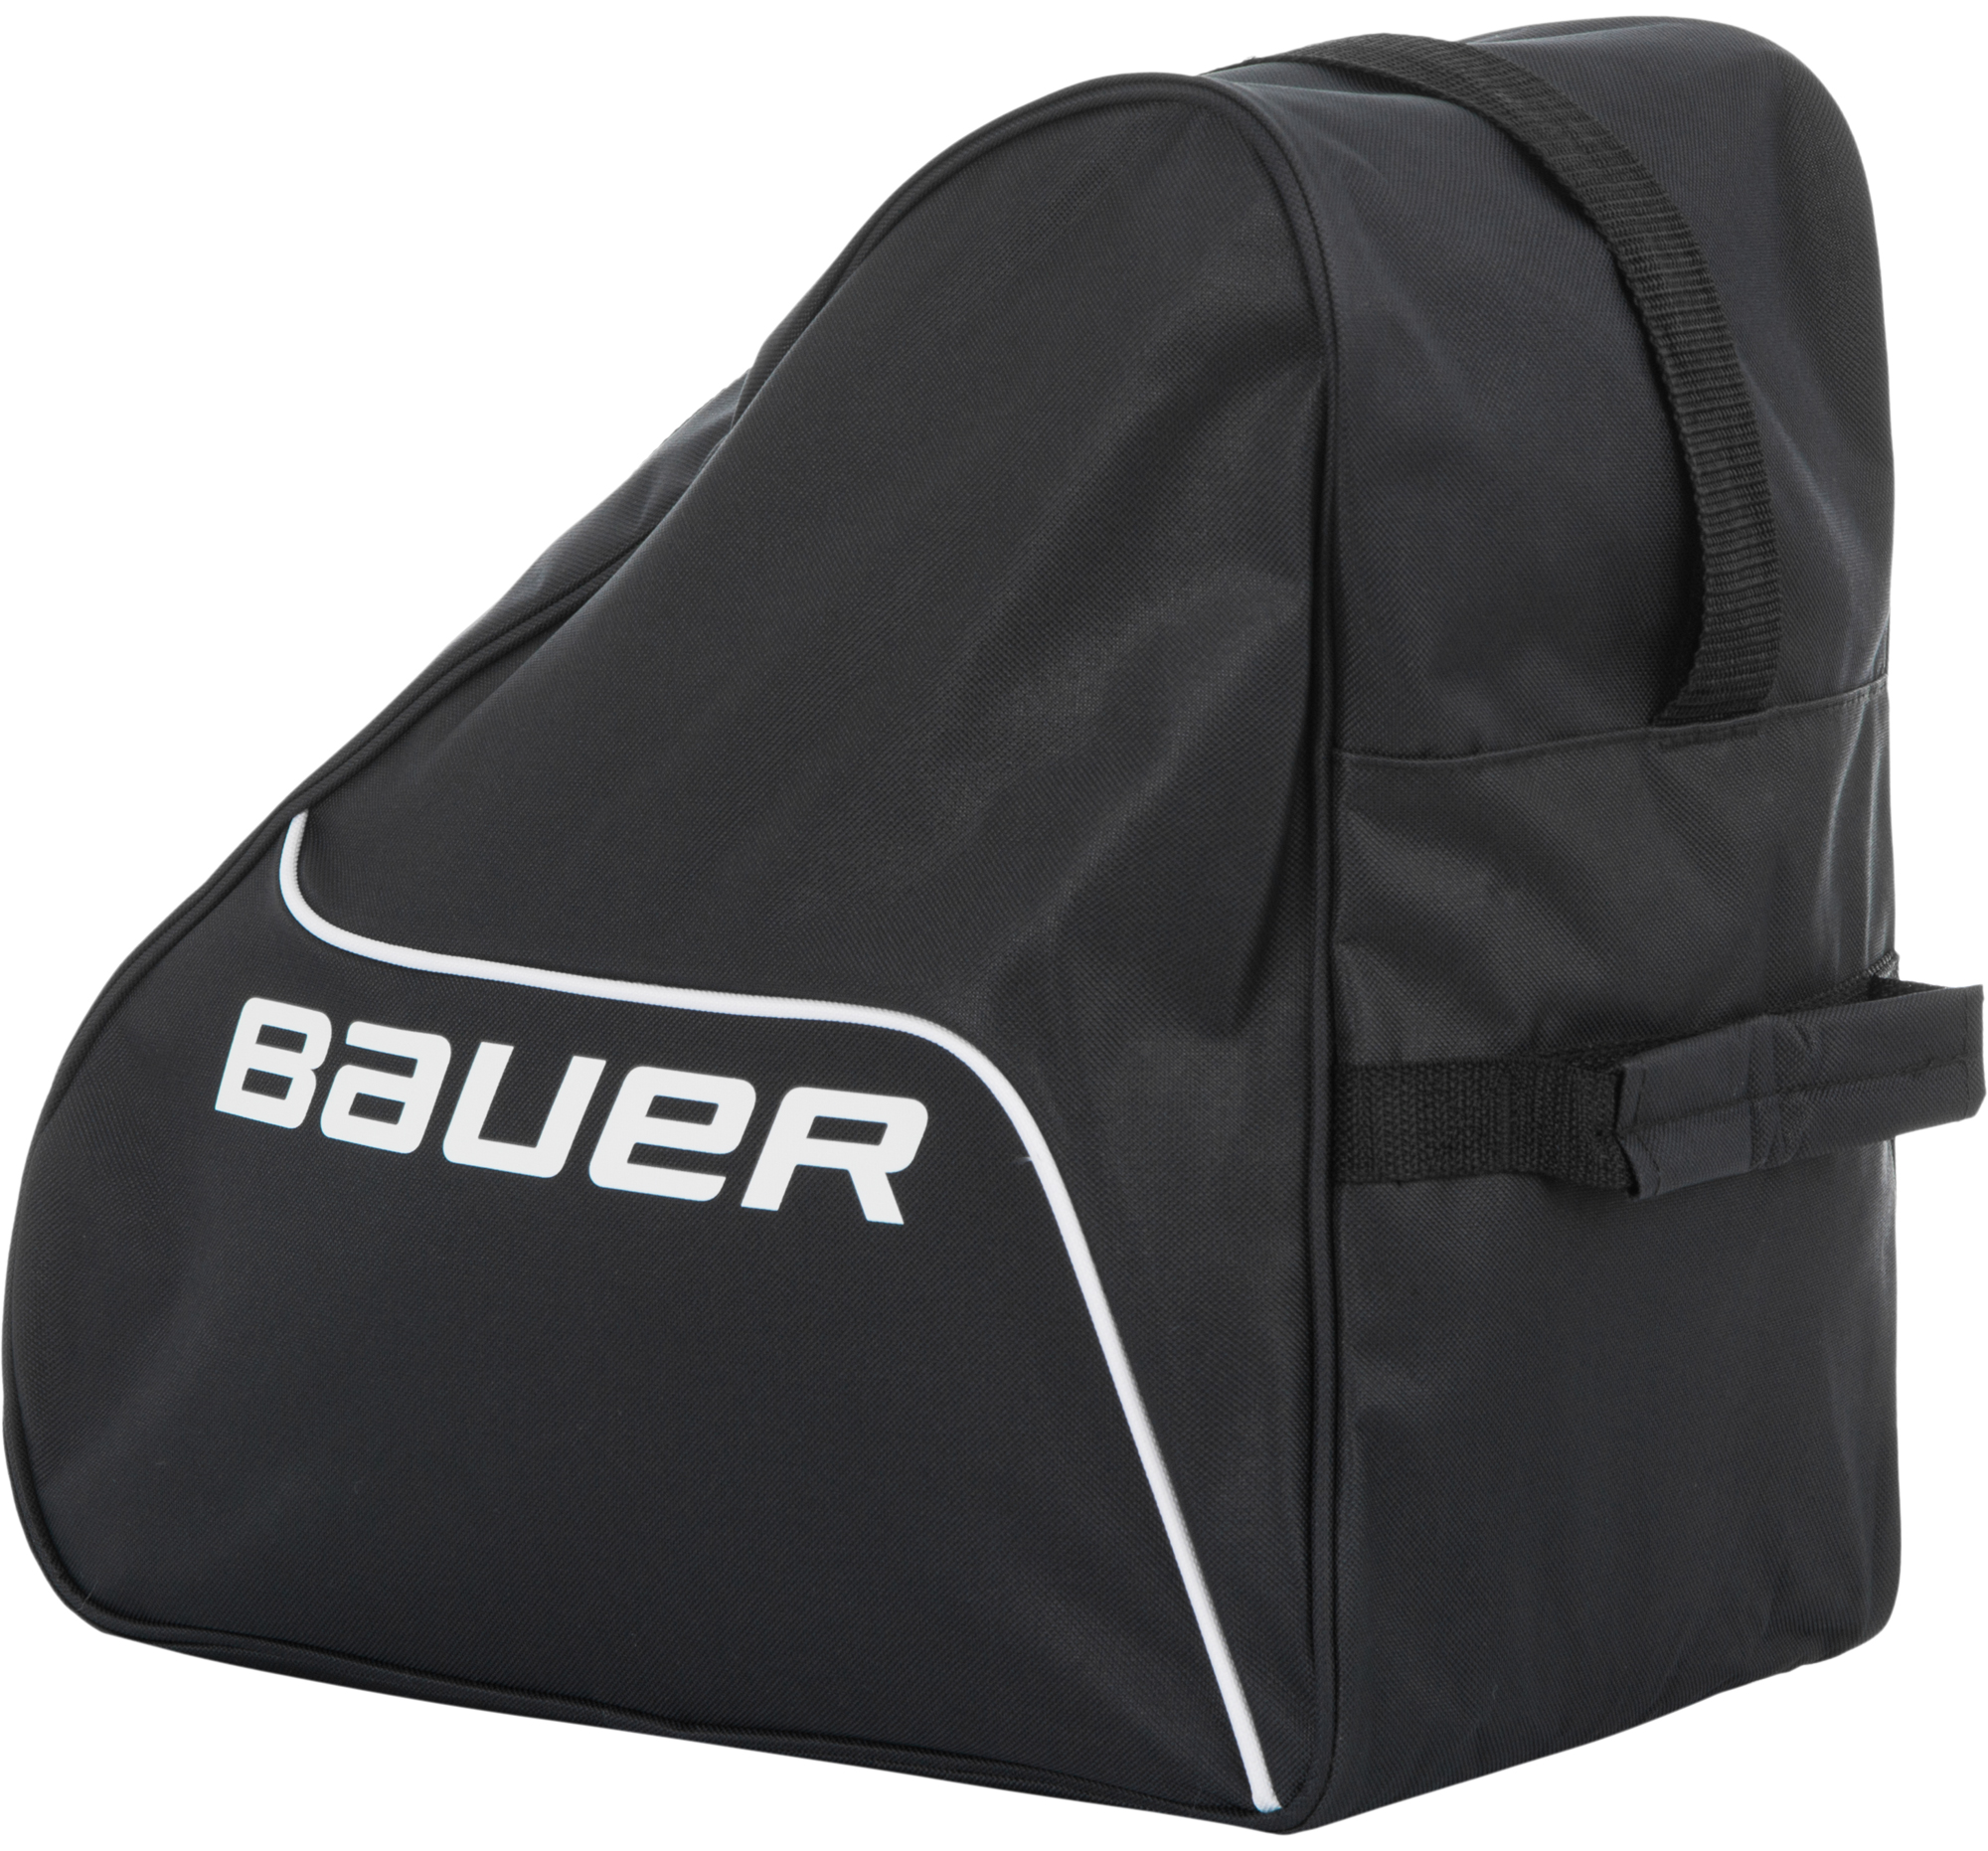 Bauer Сумка для переноски ледовых коньков